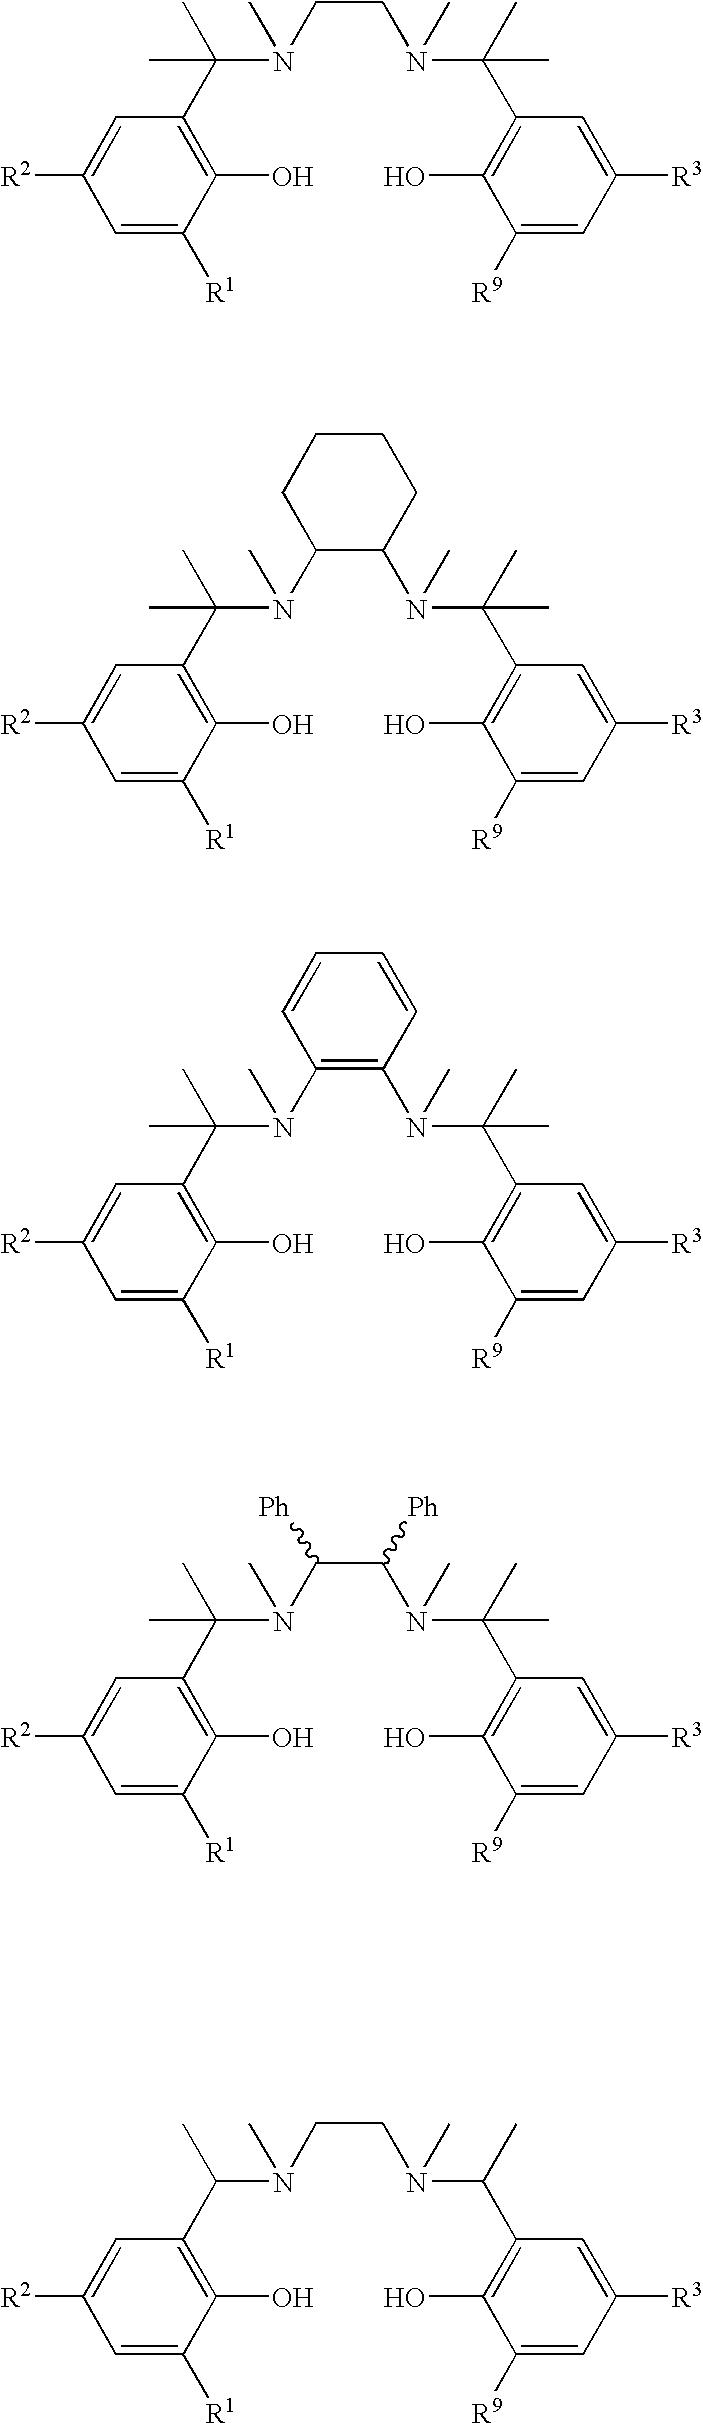 Figure US20050227860A1-20051013-C00014